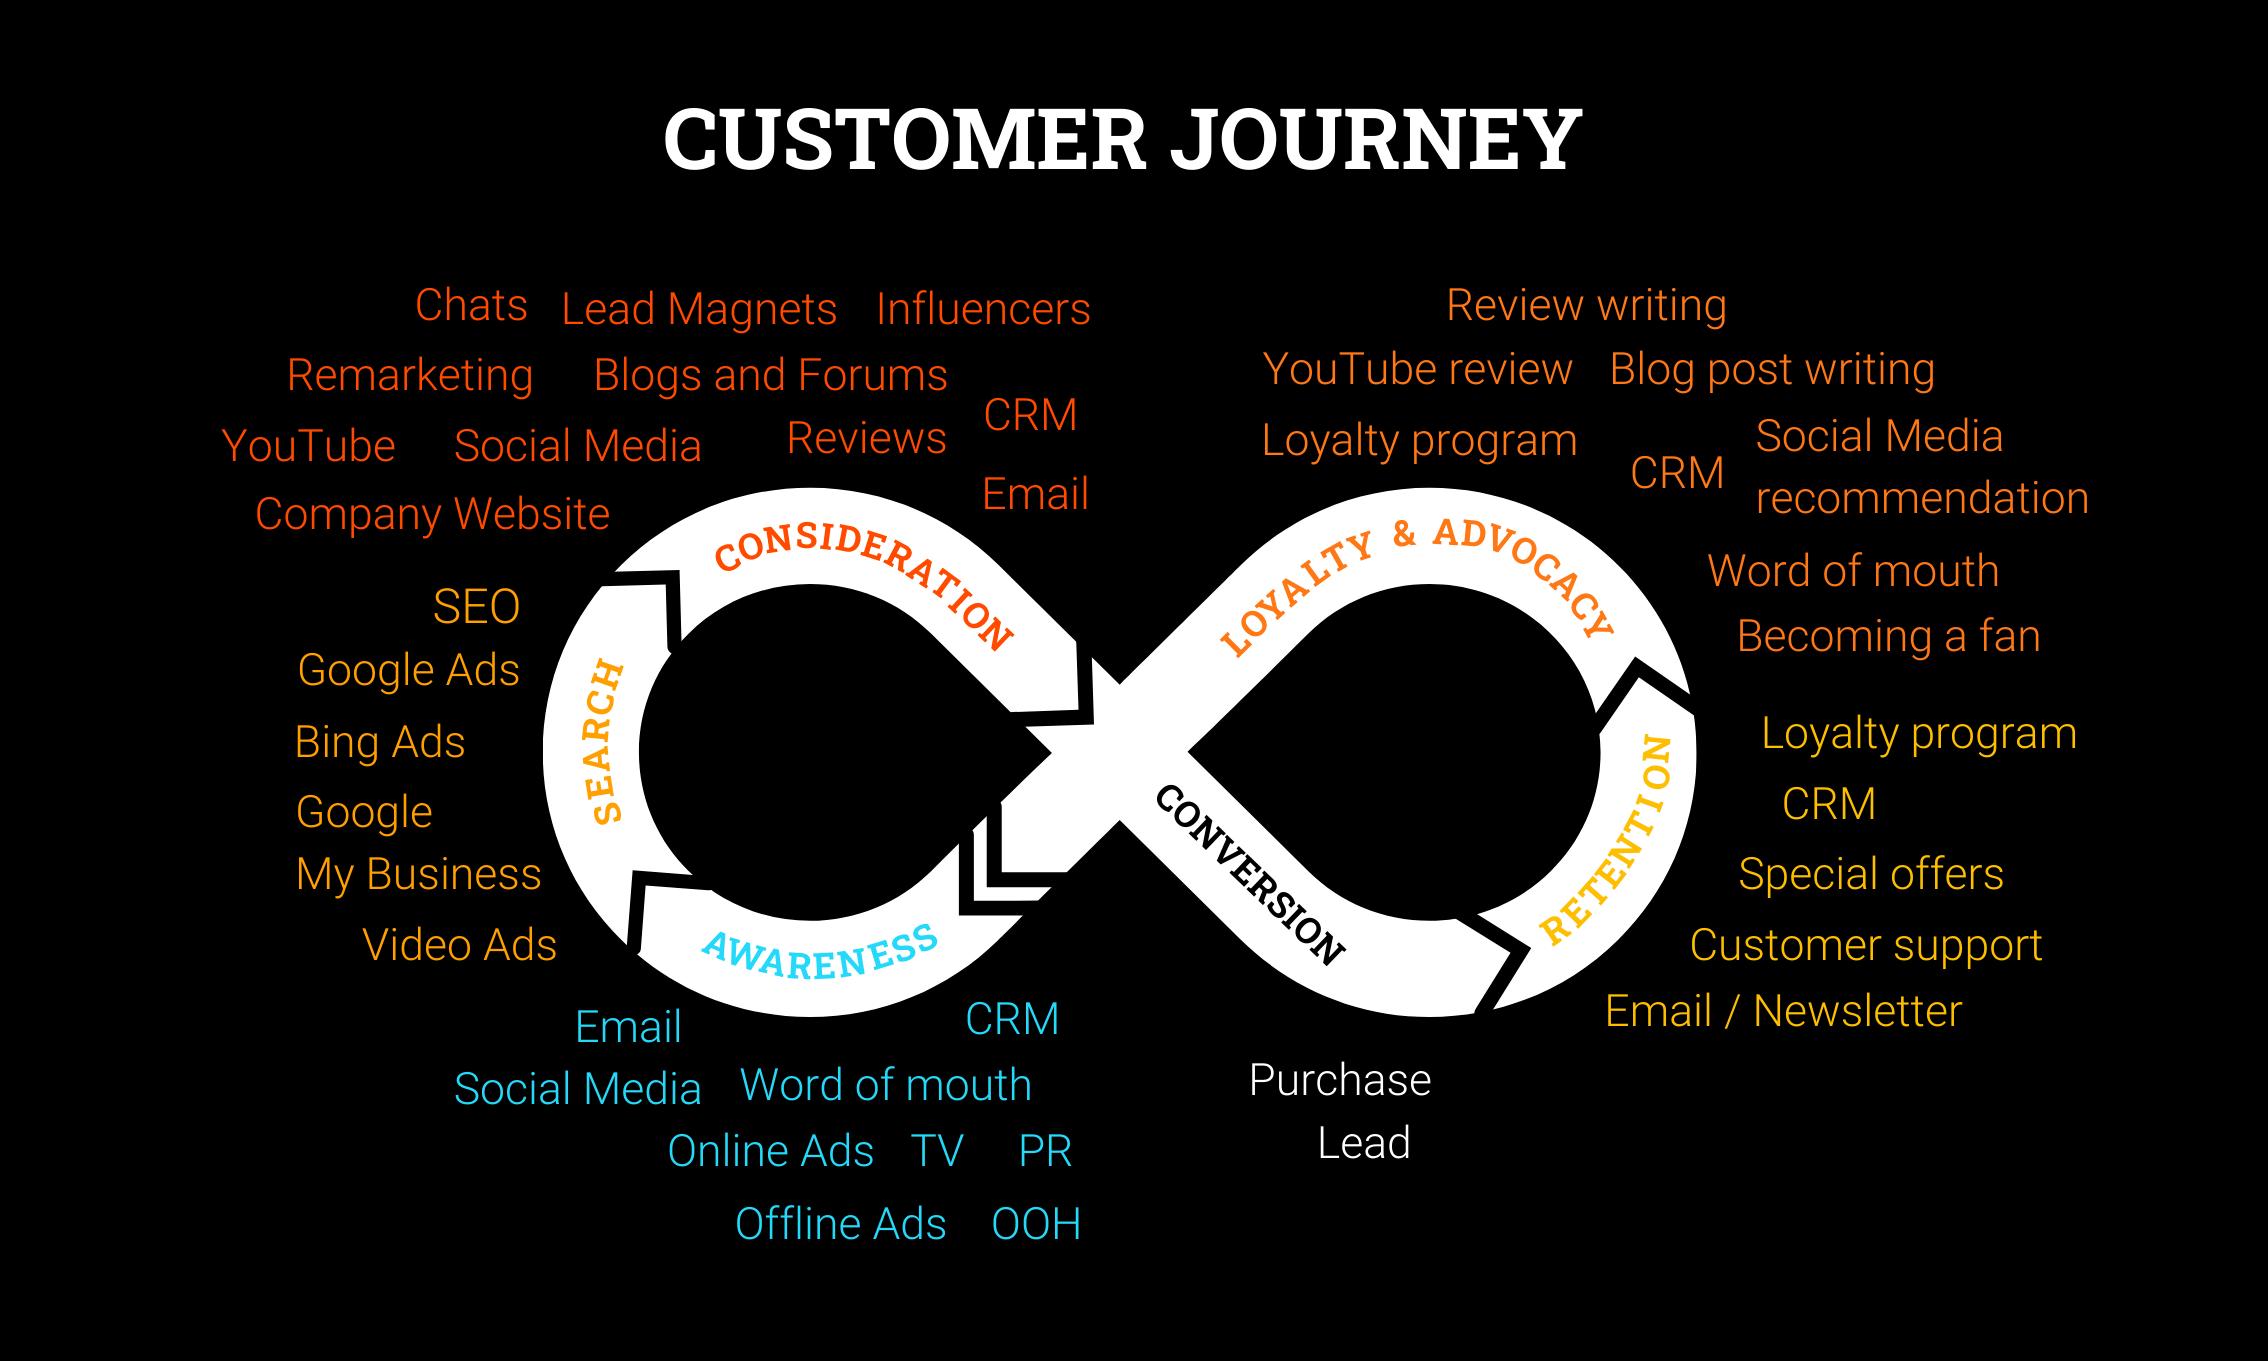 Customer Journey Abbildung von Wunderbox Marketing